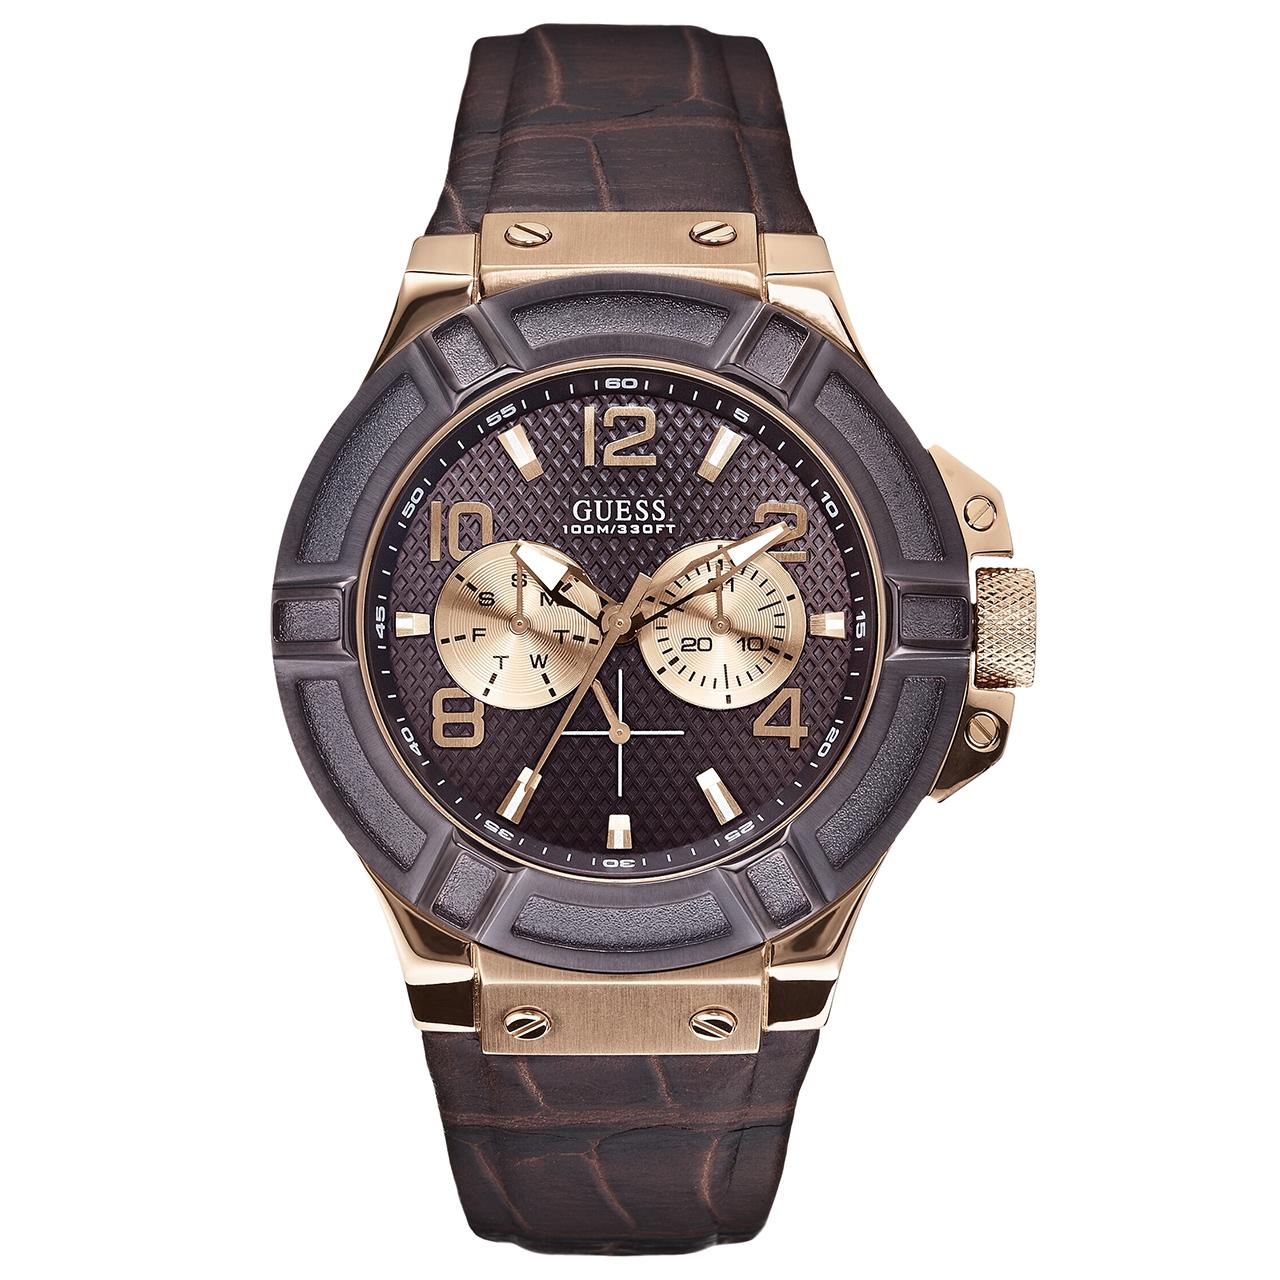 ساعت مچی عقربه ای مردانه گس مدل W0040G3 52